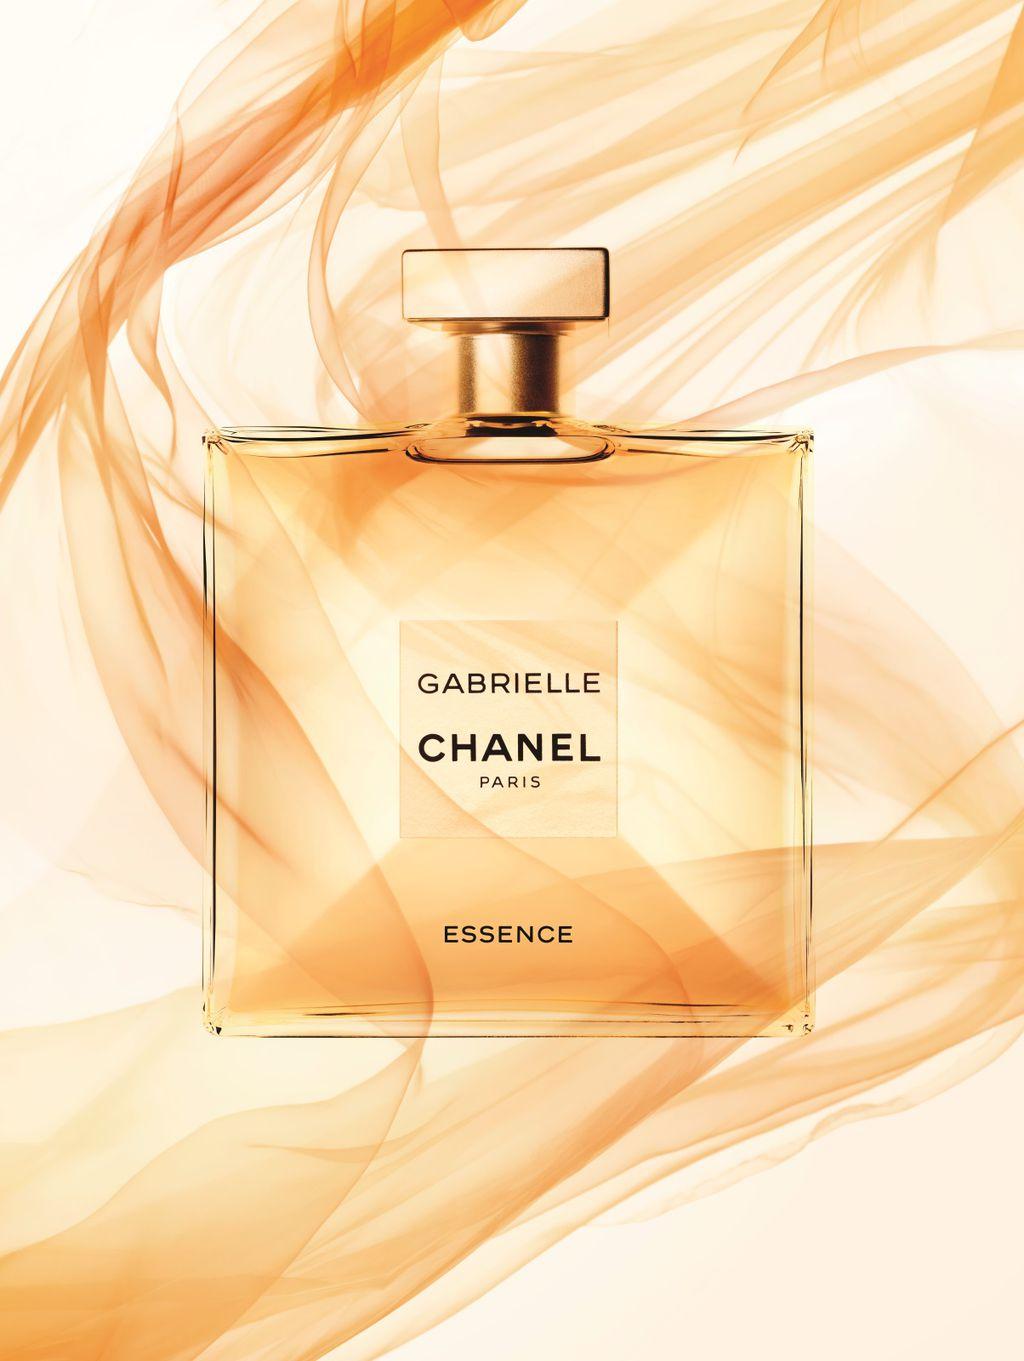 'Gabrielle' Chanel essence idealan je parfme za sve žene s naglašenim karakterom